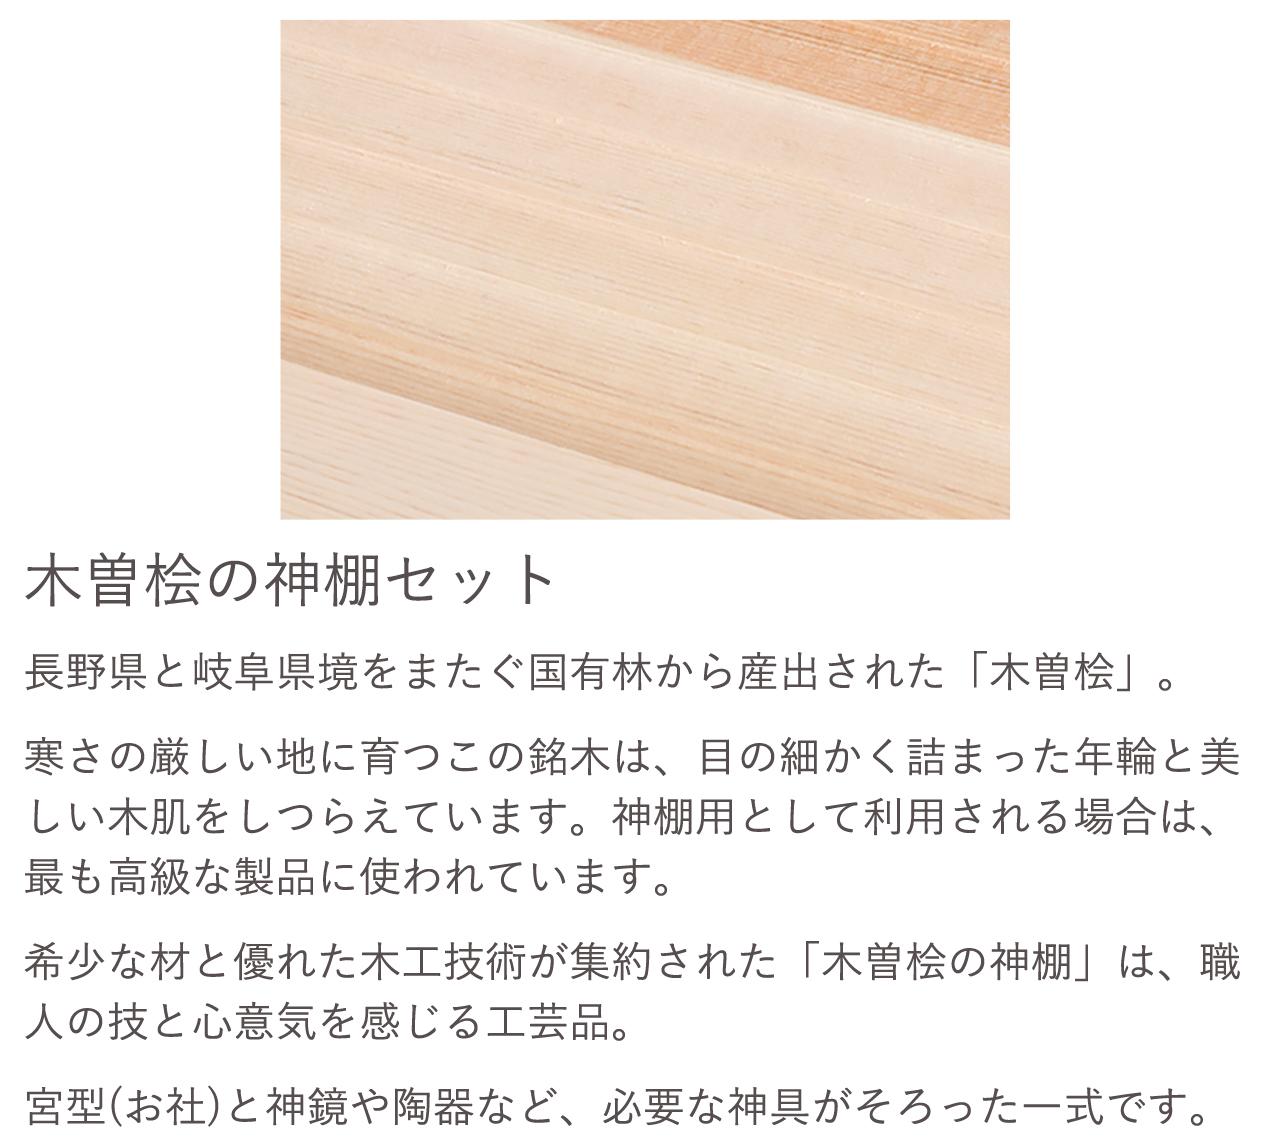 木曽桧の神棚セット。希少な材と優れた木工技術が集約された「木曽桧の神棚」は、職人の技と心意気を感じる工芸品。宮型(お社)と神鏡や陶器など、必要な神具がそろった一式です。